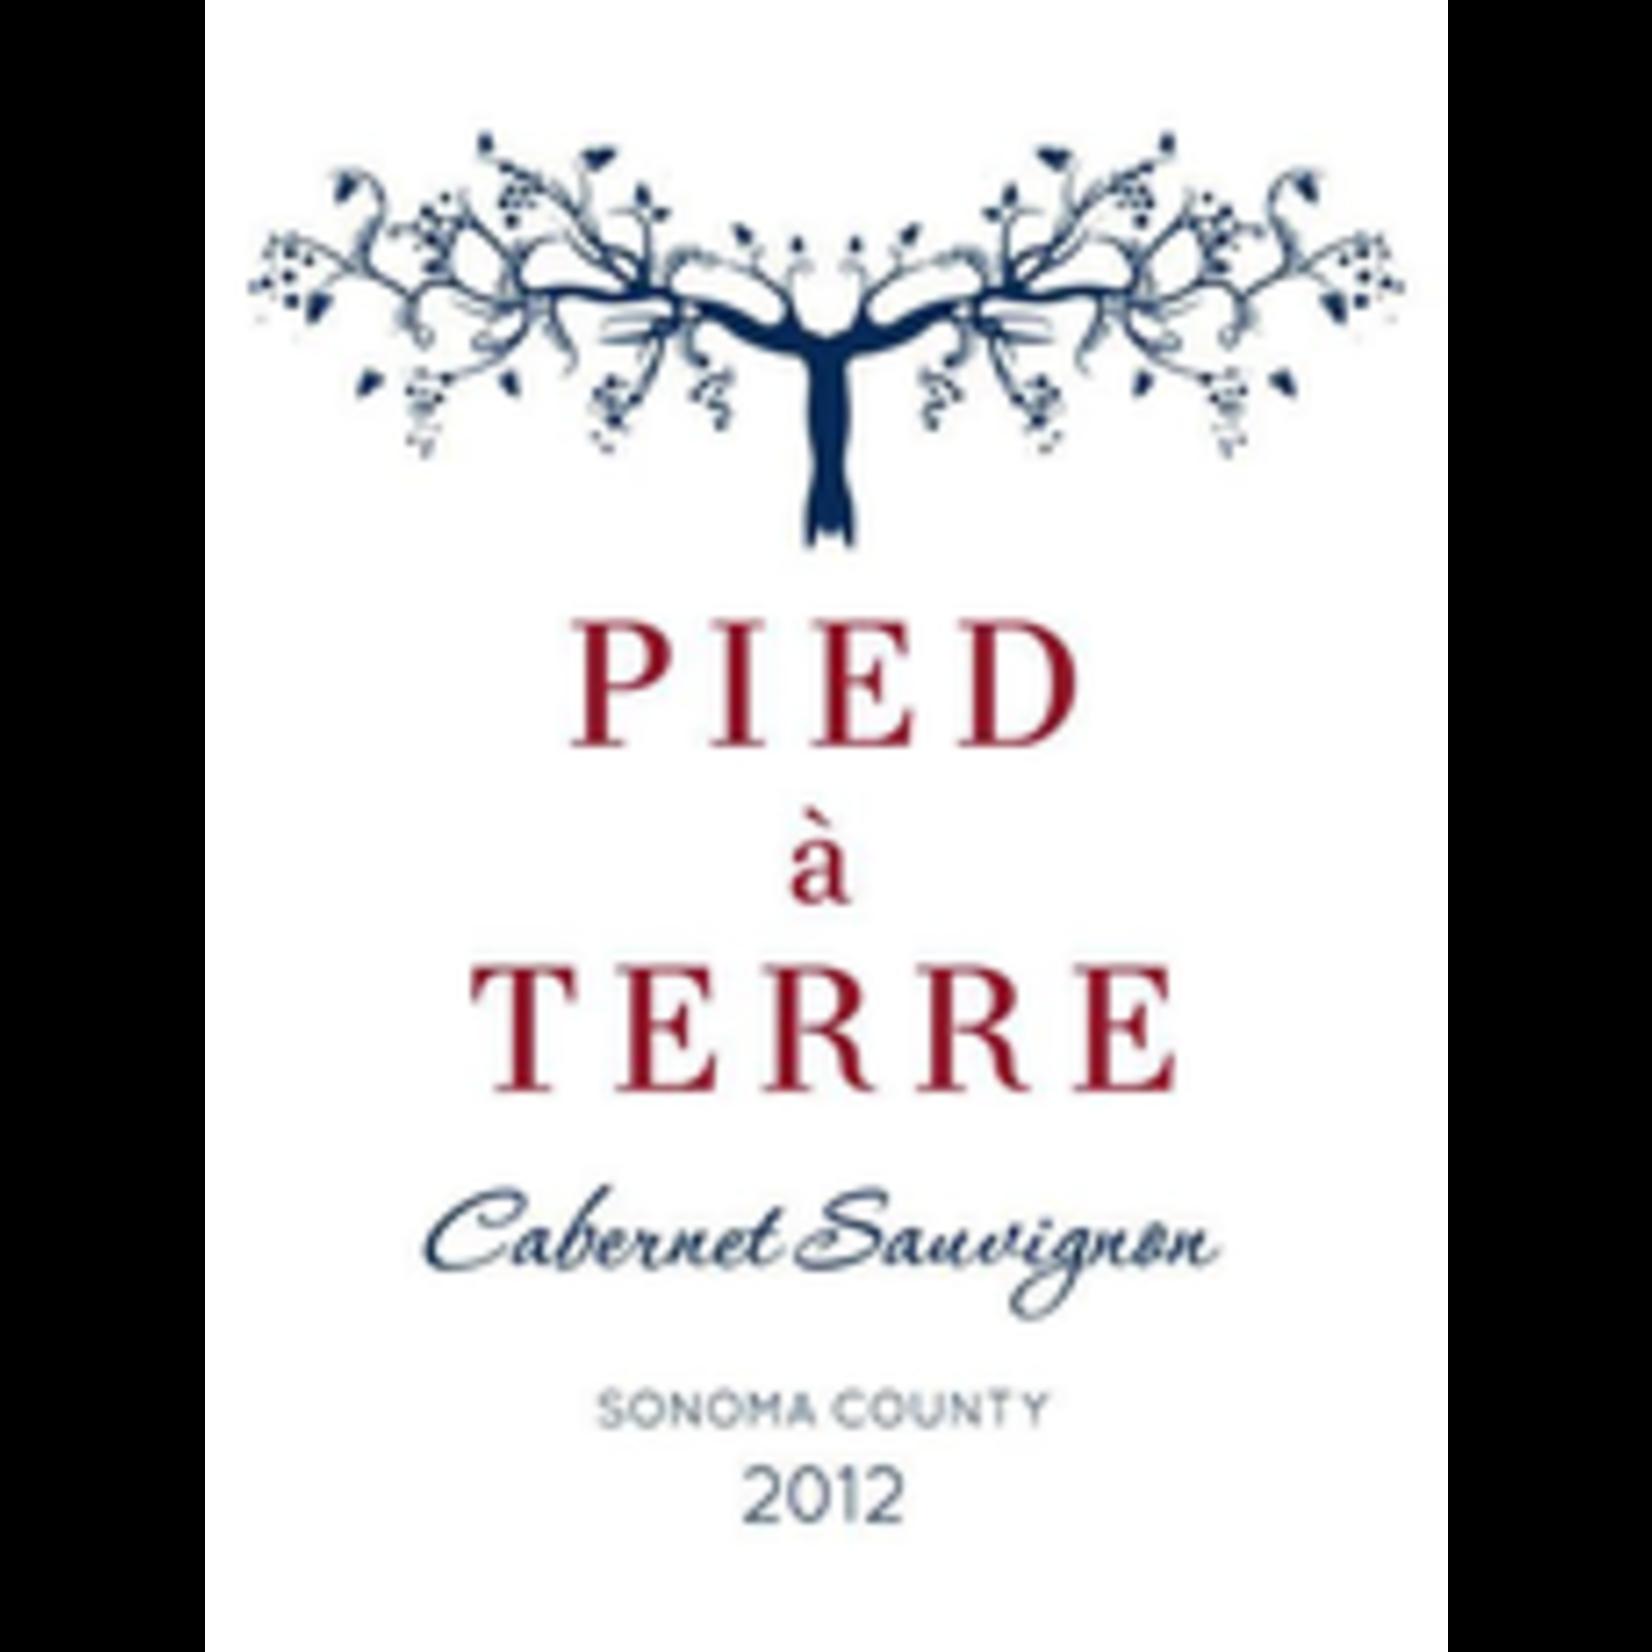 Wine Pied a Terre Cabernet Sauvignon Sonoma County 2015